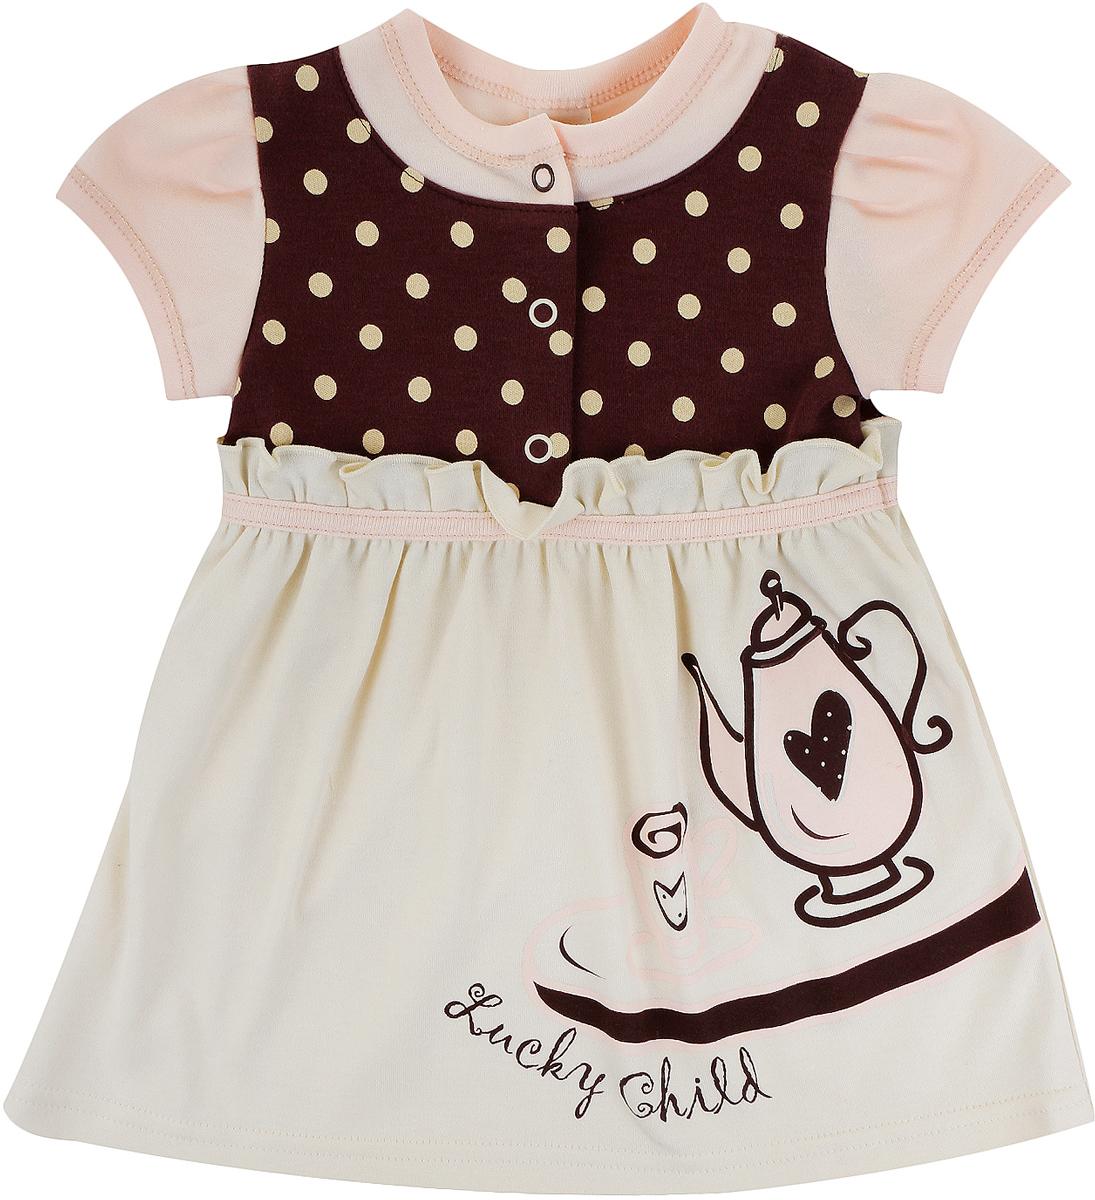 Платье23-62Платье от Lucky Child не только красивое, но и функциональное. К примеру, легкая кофточка сверху превратит платье в нарядную юбочку и позволит устроить прогулку летним вечером.